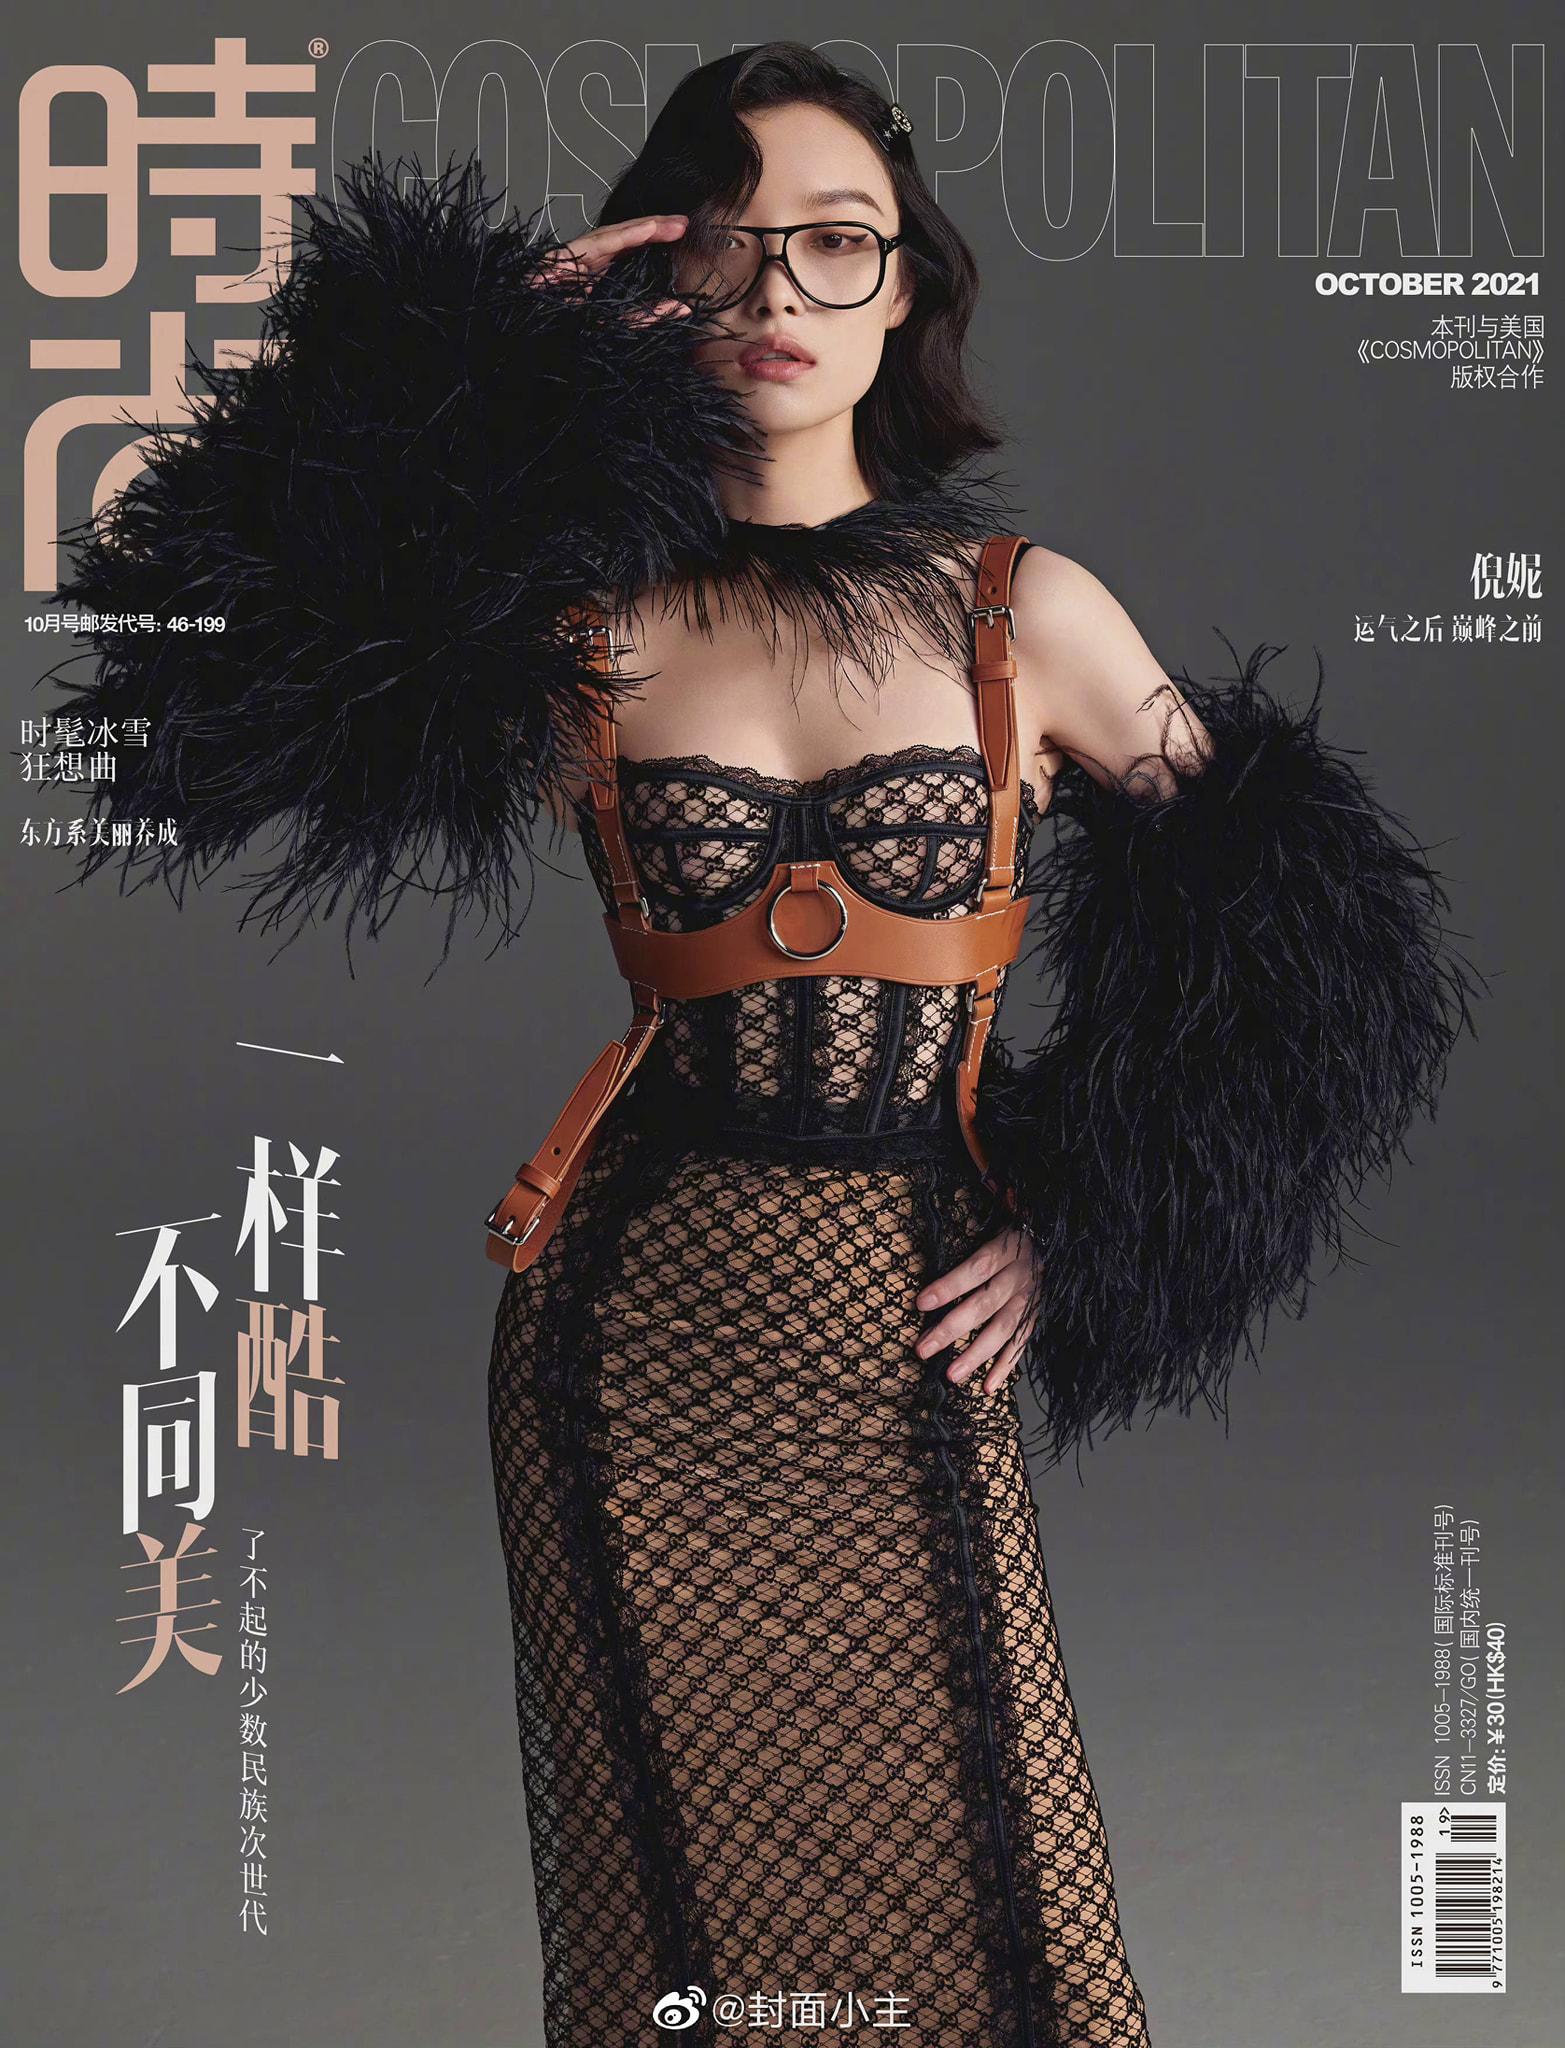 Tranh cãi ảnh tạp chí của Triệu Lệ Dĩnh: Khí chất kém lại còn copy đối thủ, bị 2 tình địch Dương Mịch - Nghê Ni đè bẹp - Ảnh 9.